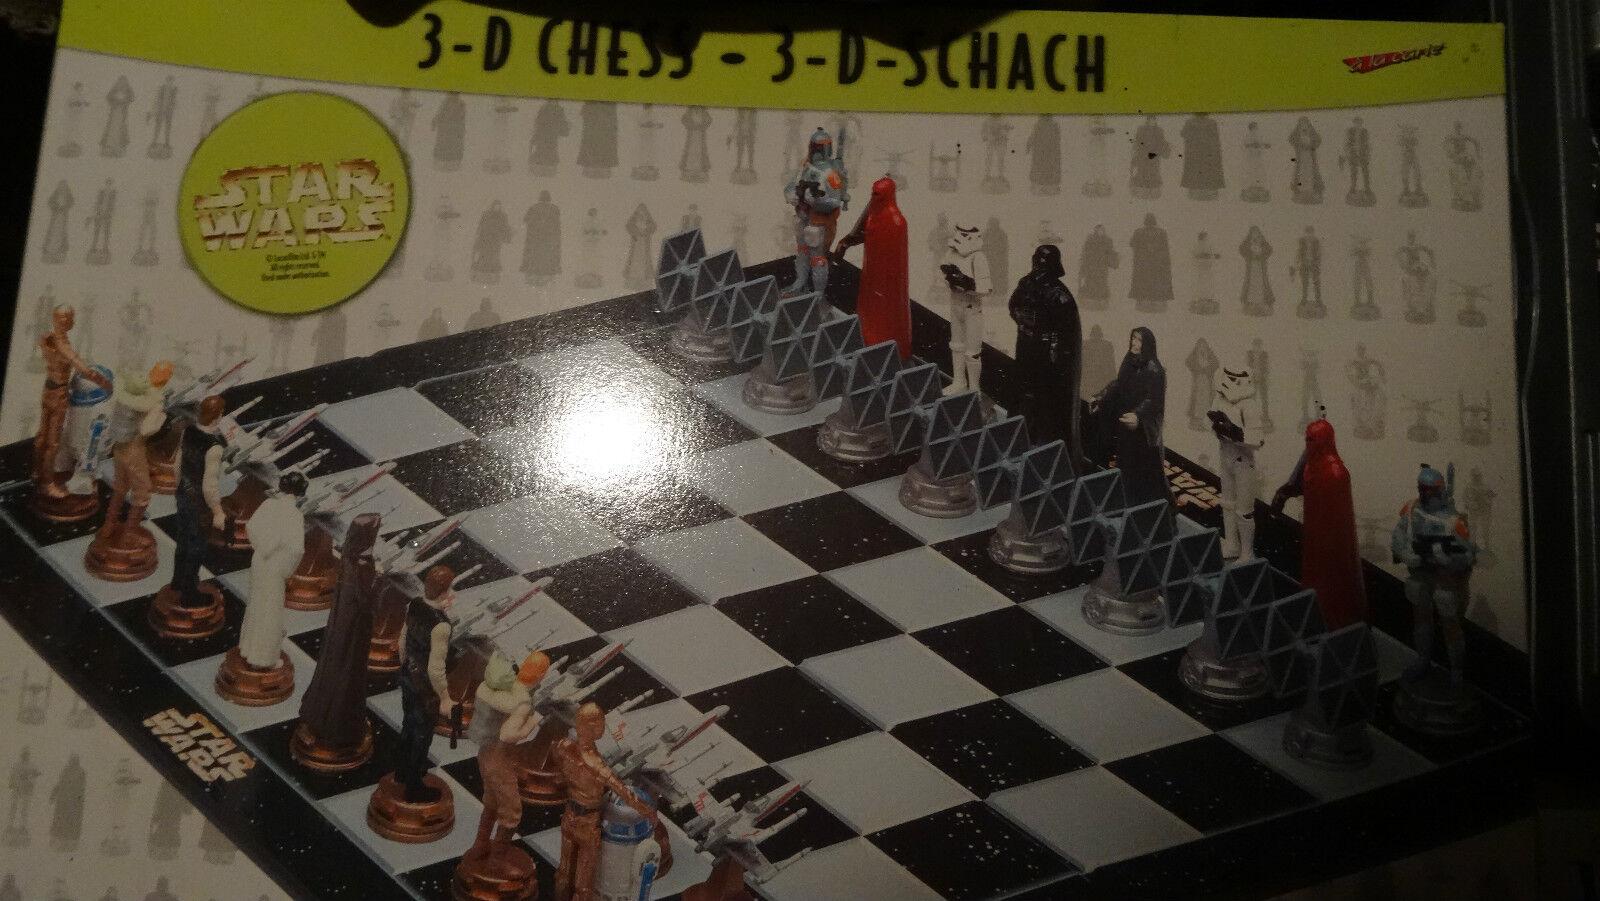 Star Wars 3D - - -  Schach - Trilogie 4-6   OOP - OOS - RAR - Collectors Edition d7c8f4